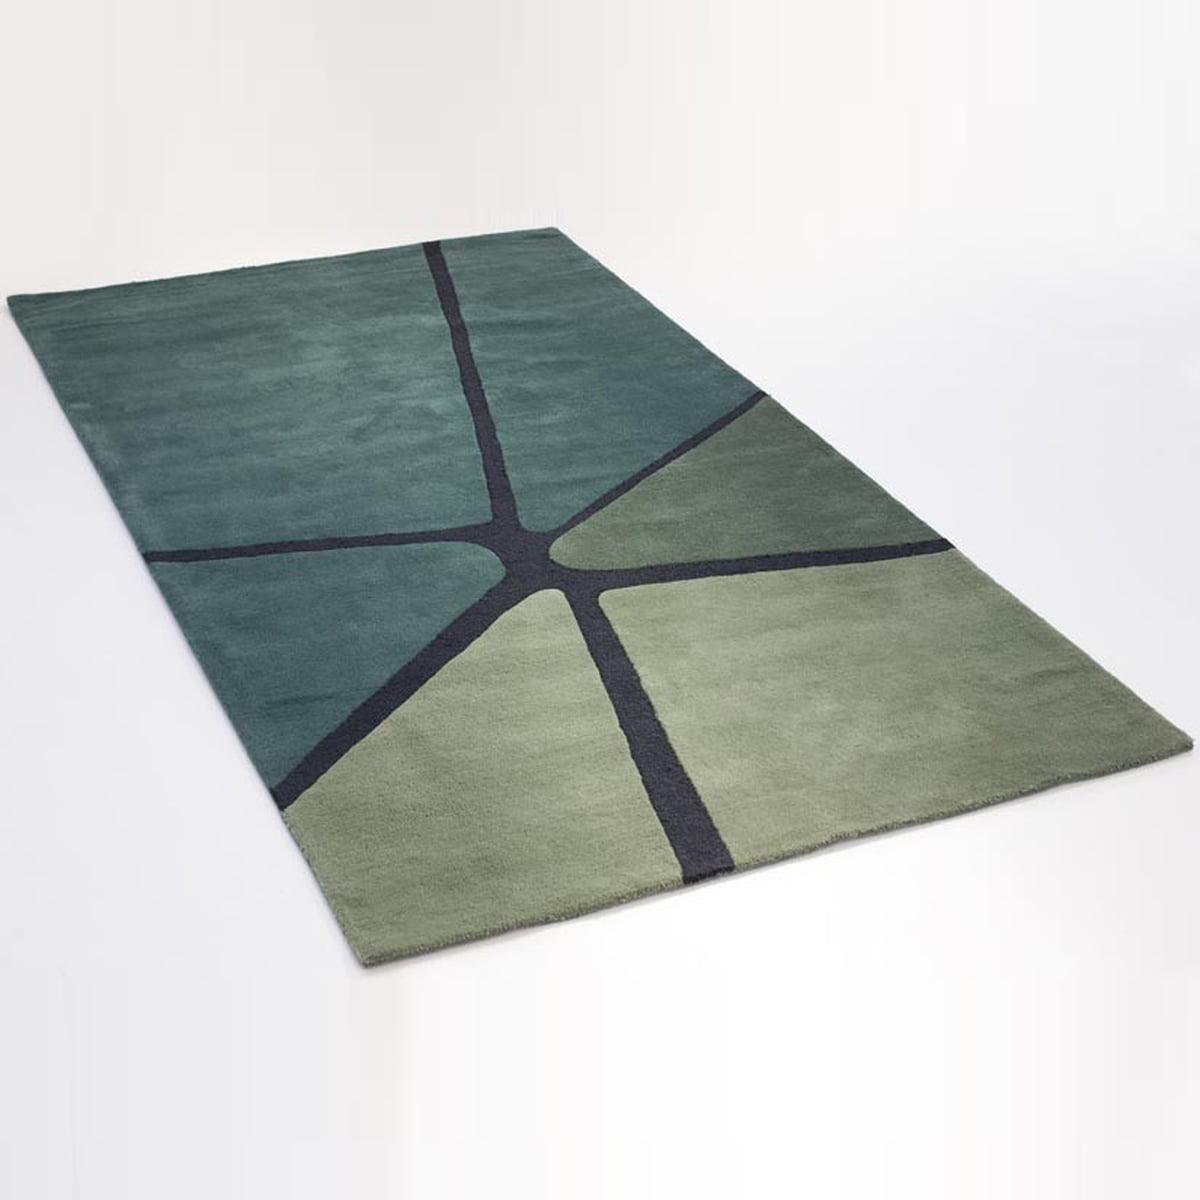 Teppich gezeichnet  Ruckstuhl Crack Teppich bei connox.at